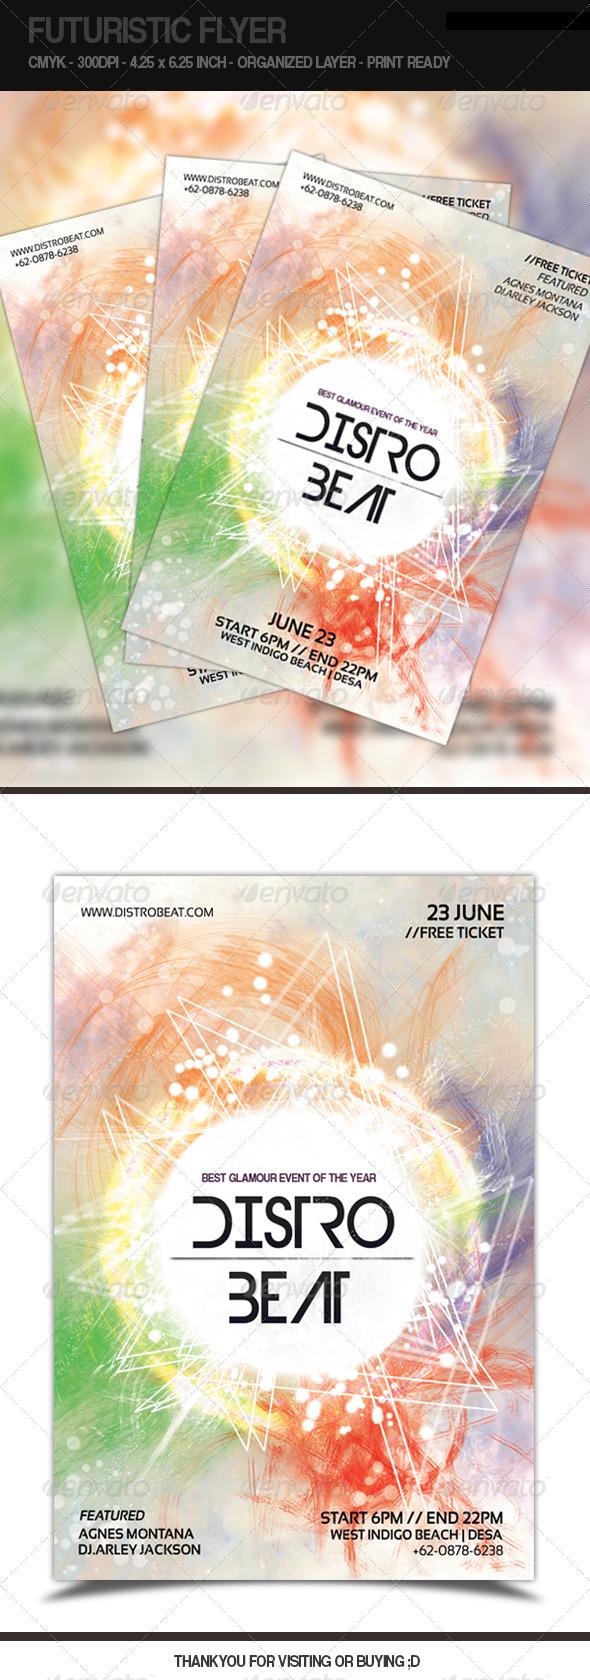 GraphicRiver Futuristic Flyer Distro Beat 5163986